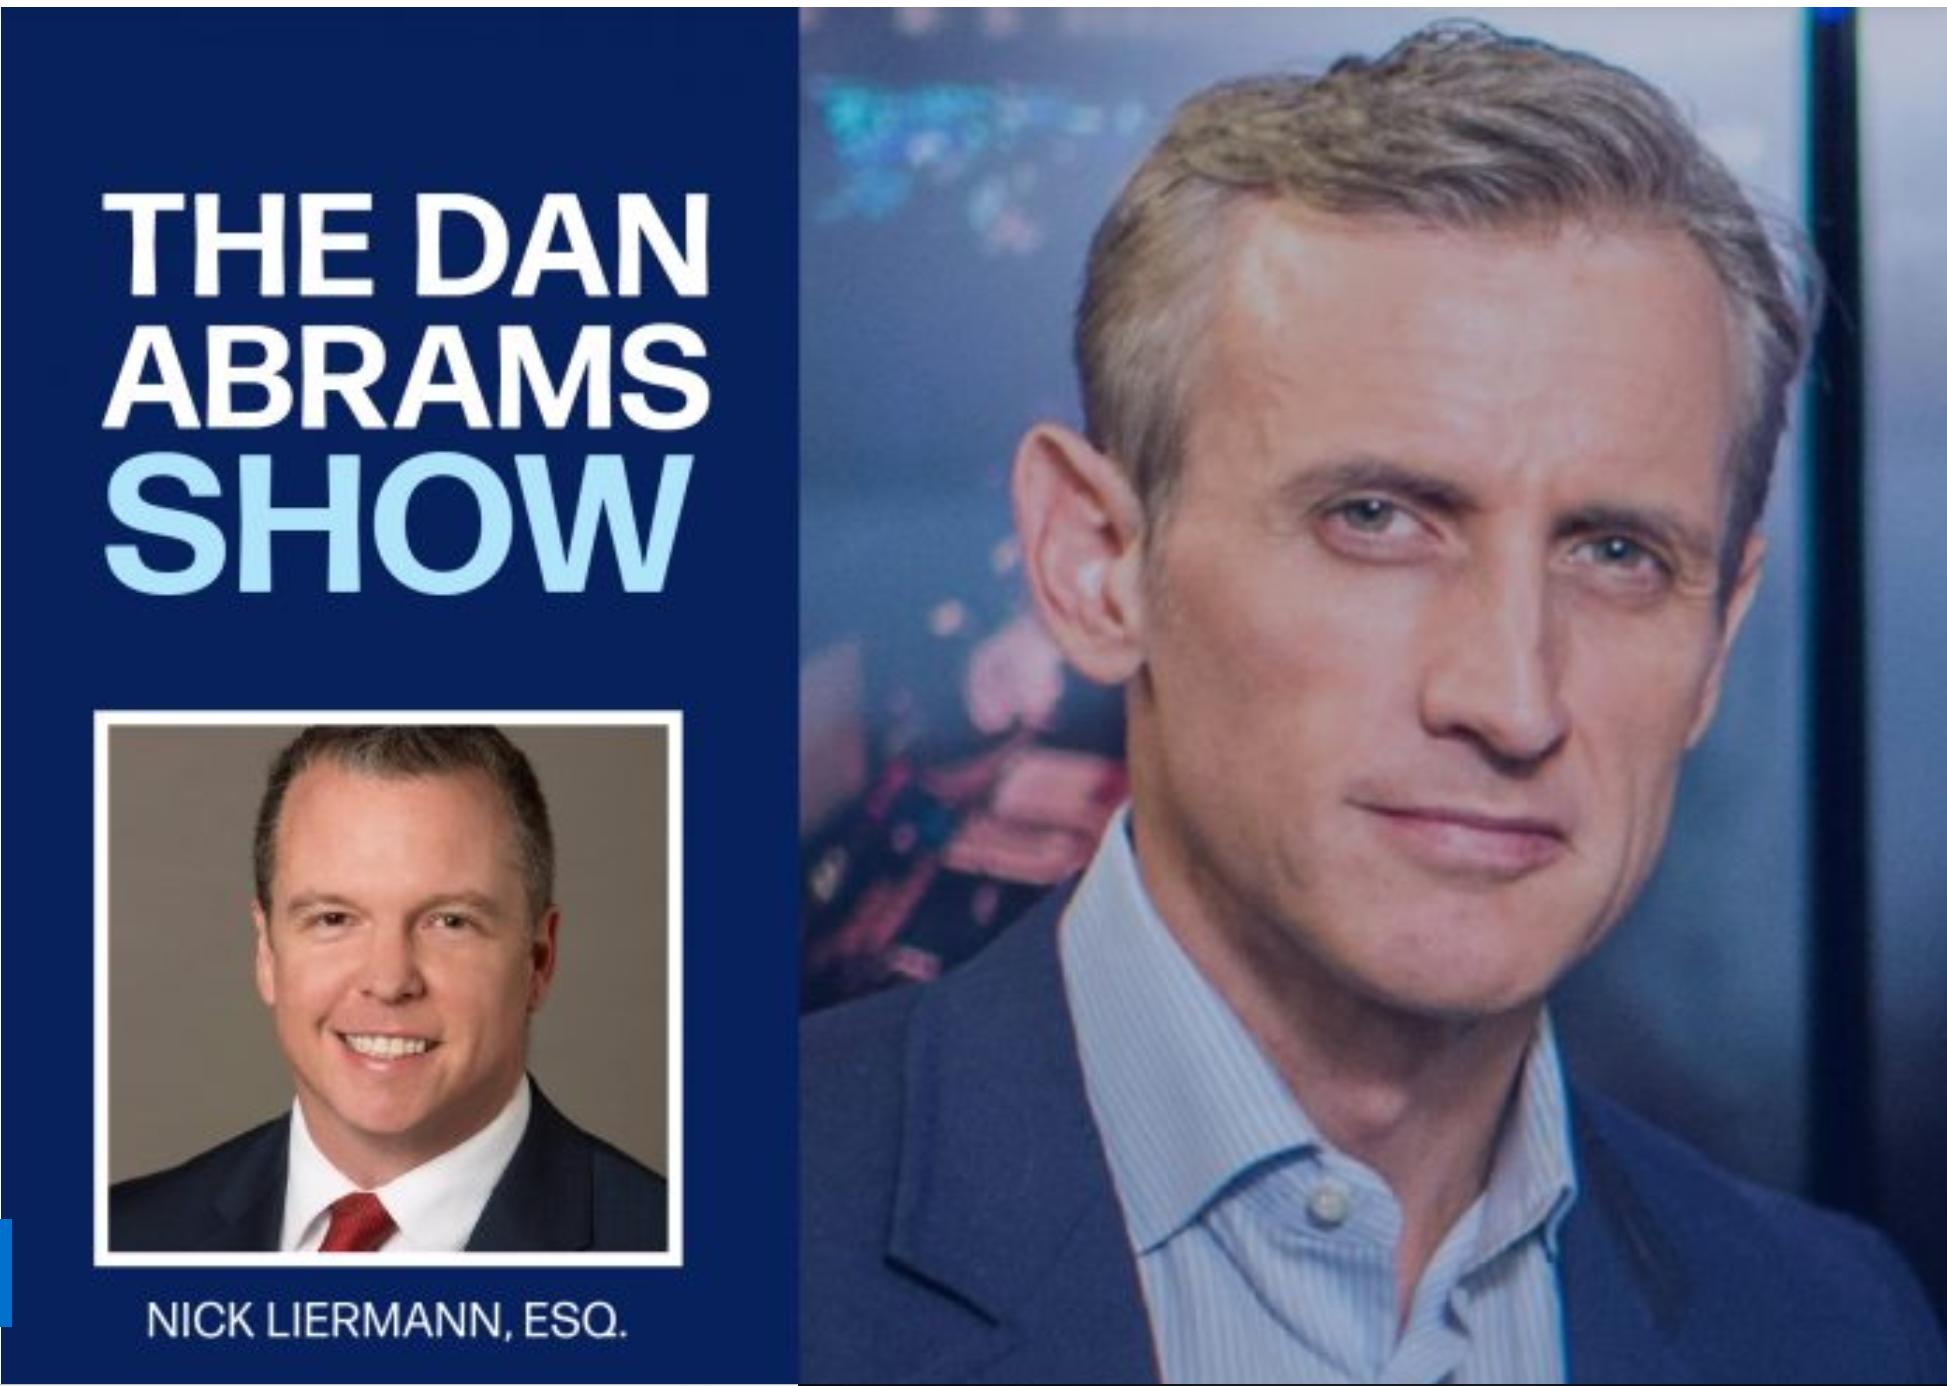 Liermann Dan Abrams Show.png